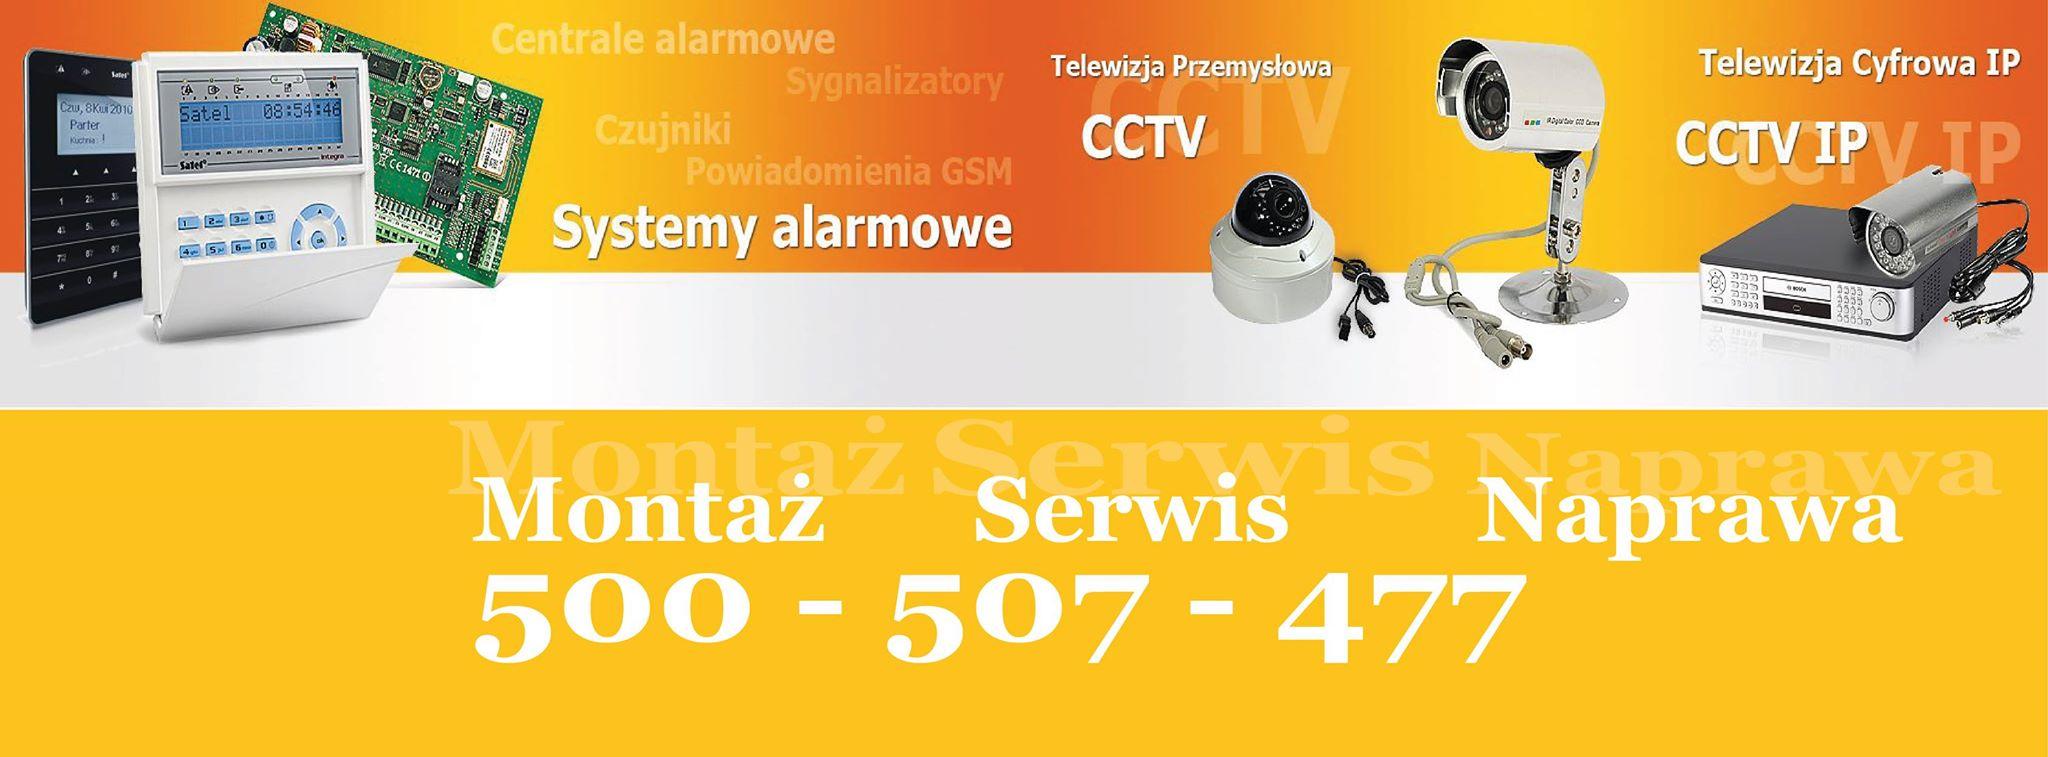 Mariusz Nowak Security System - adres, telefon, www | Budownictwo i dom Otwock  Otwock